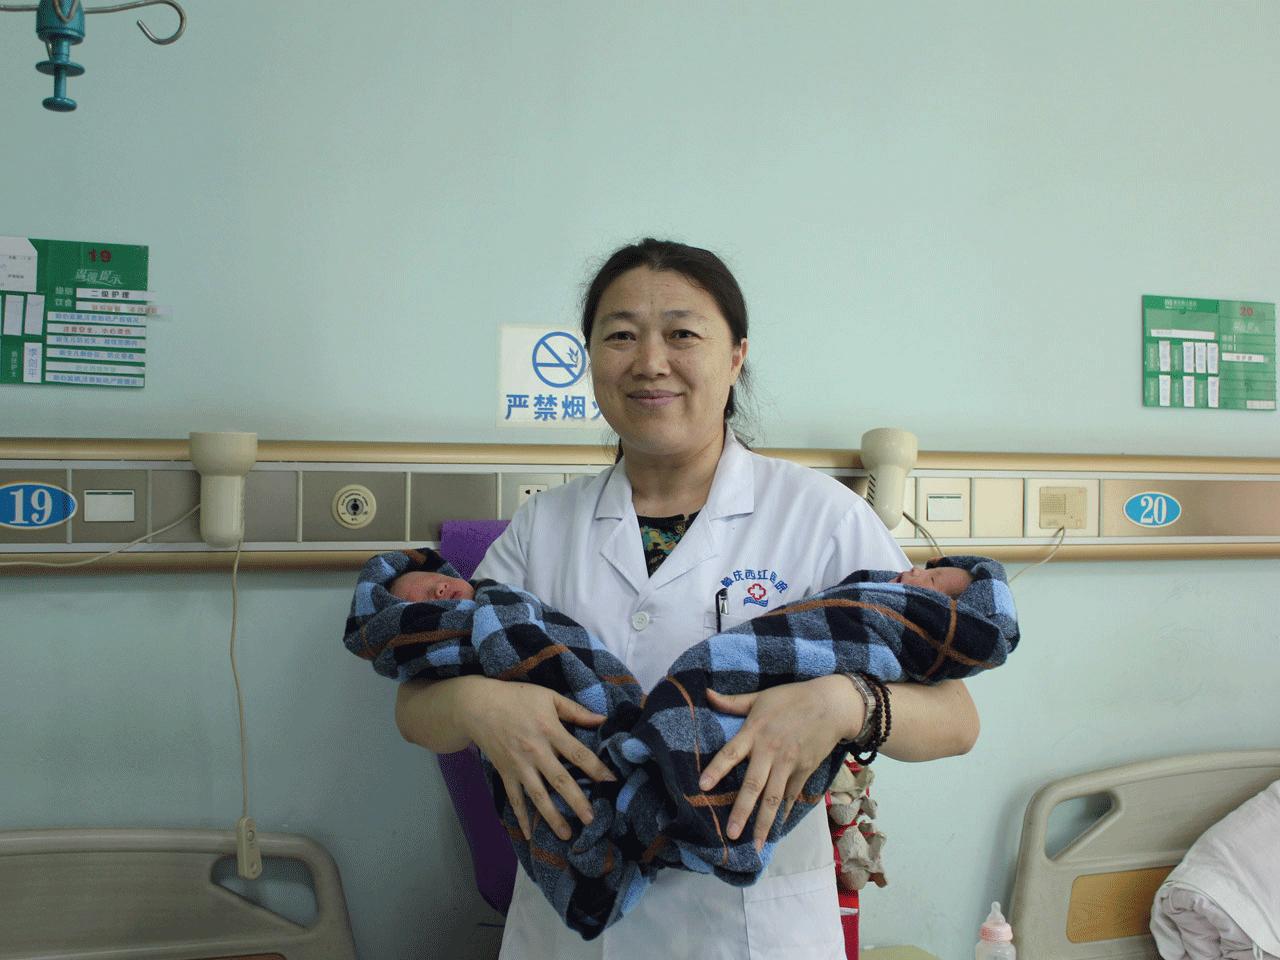 肇庆西江医院试管婴儿,龙凤呈祥幸福圆梦